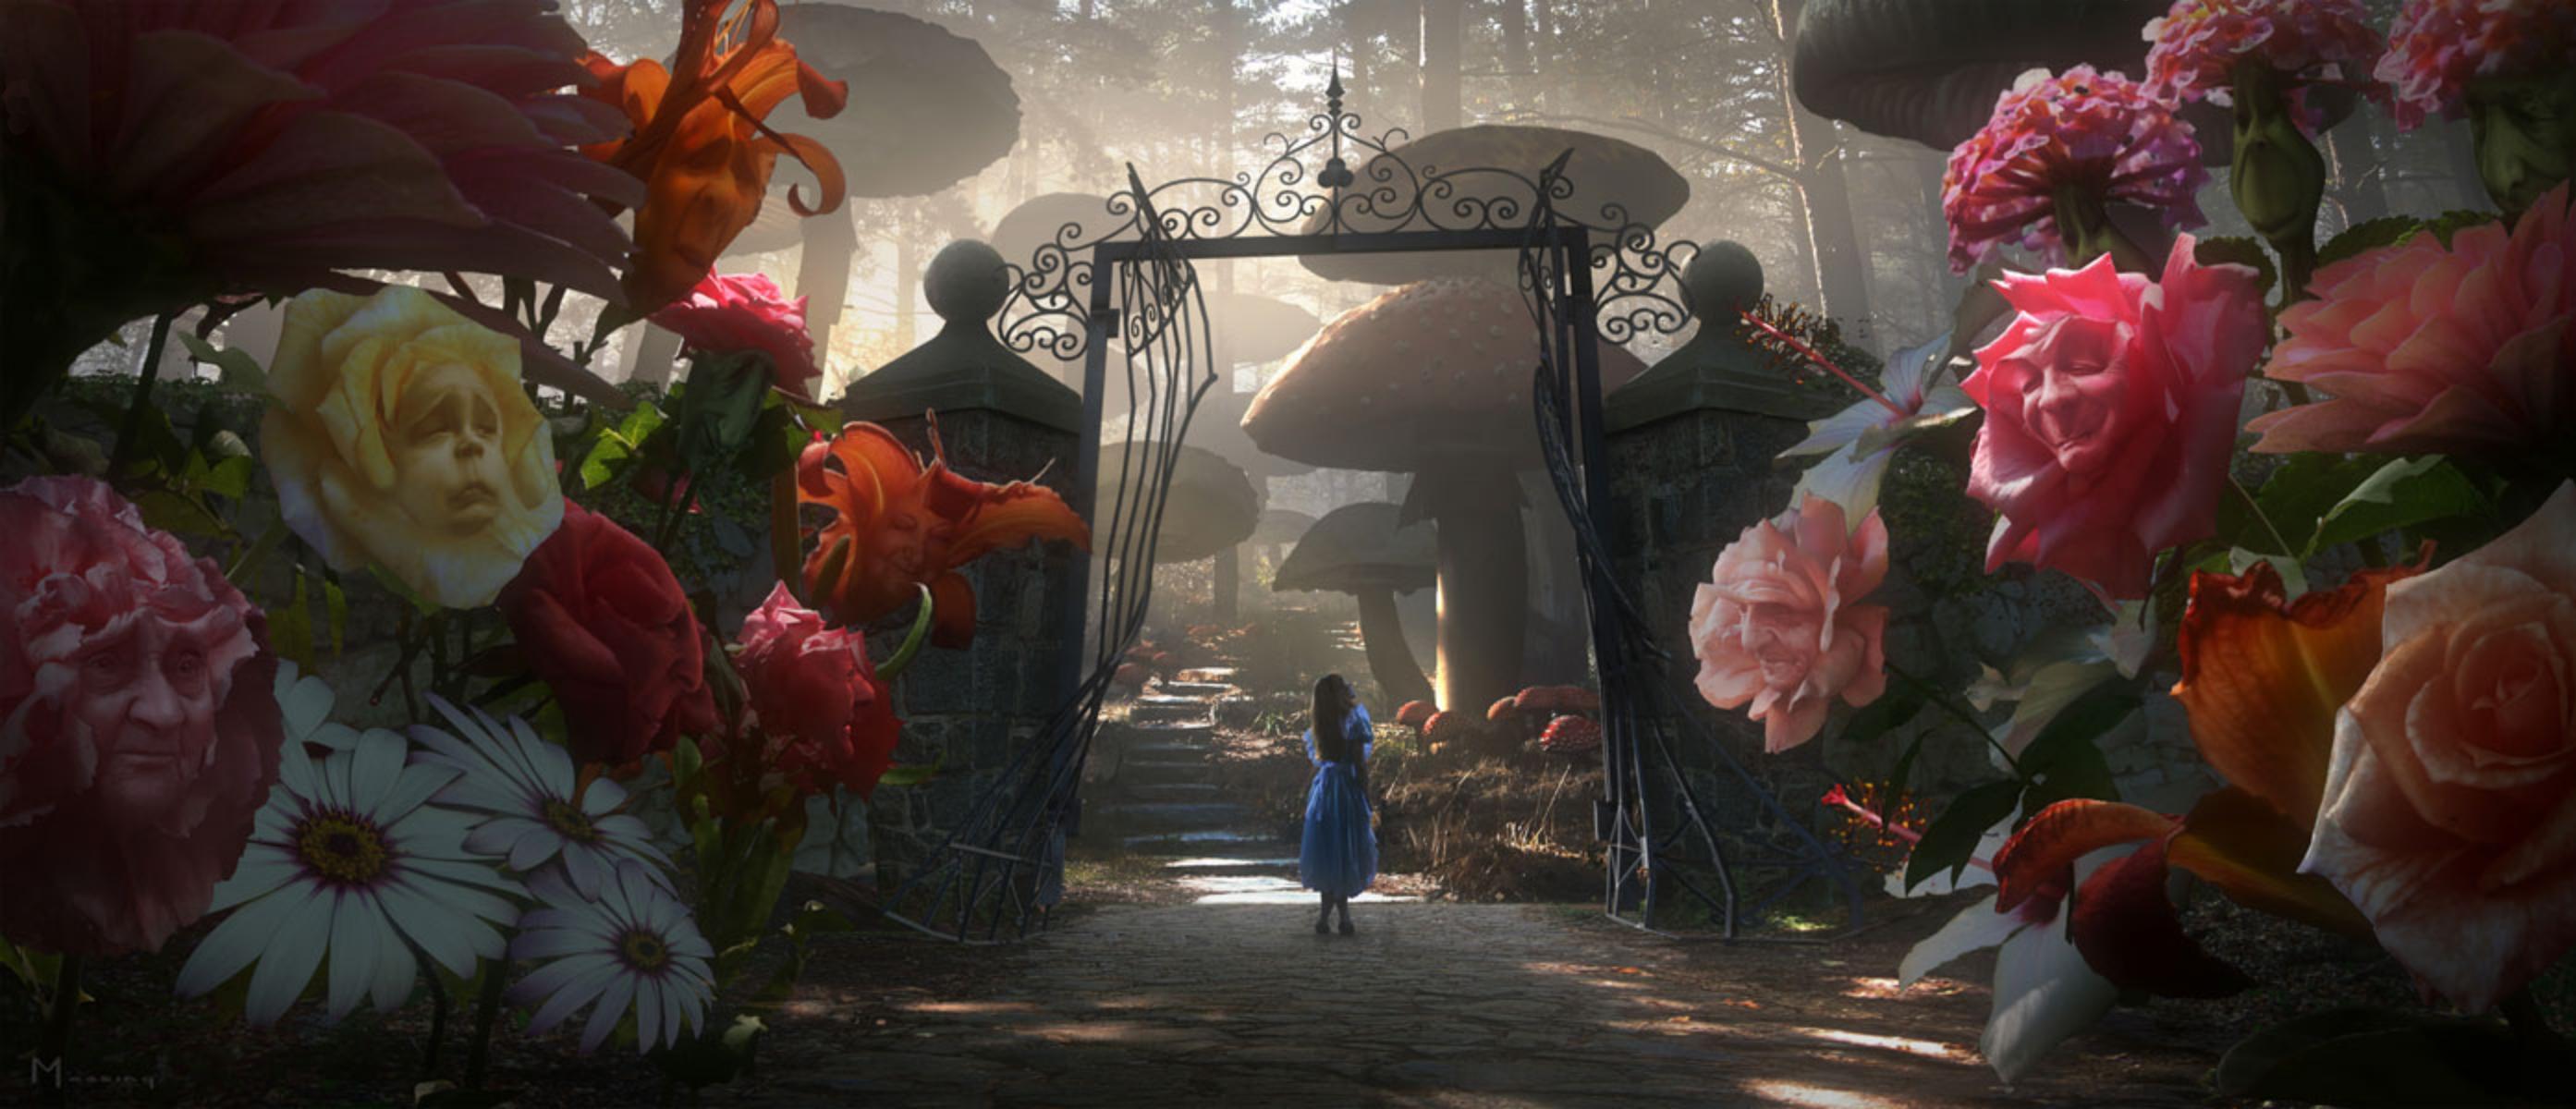 Go Ask Alice Pt I Burton's Alice in Wonderland Review Spoilers